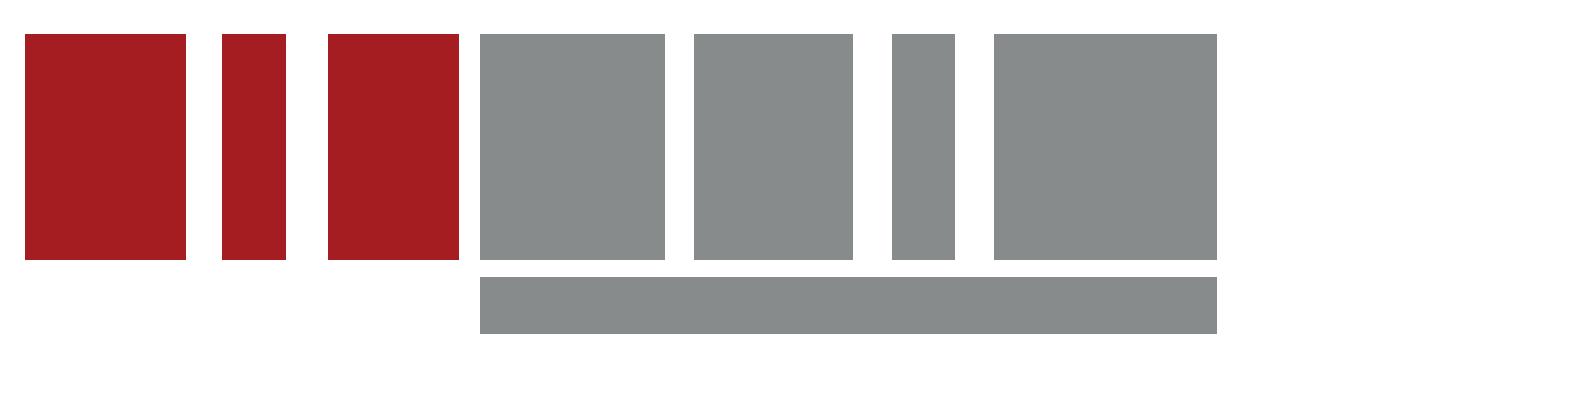 https://www.biladim.com